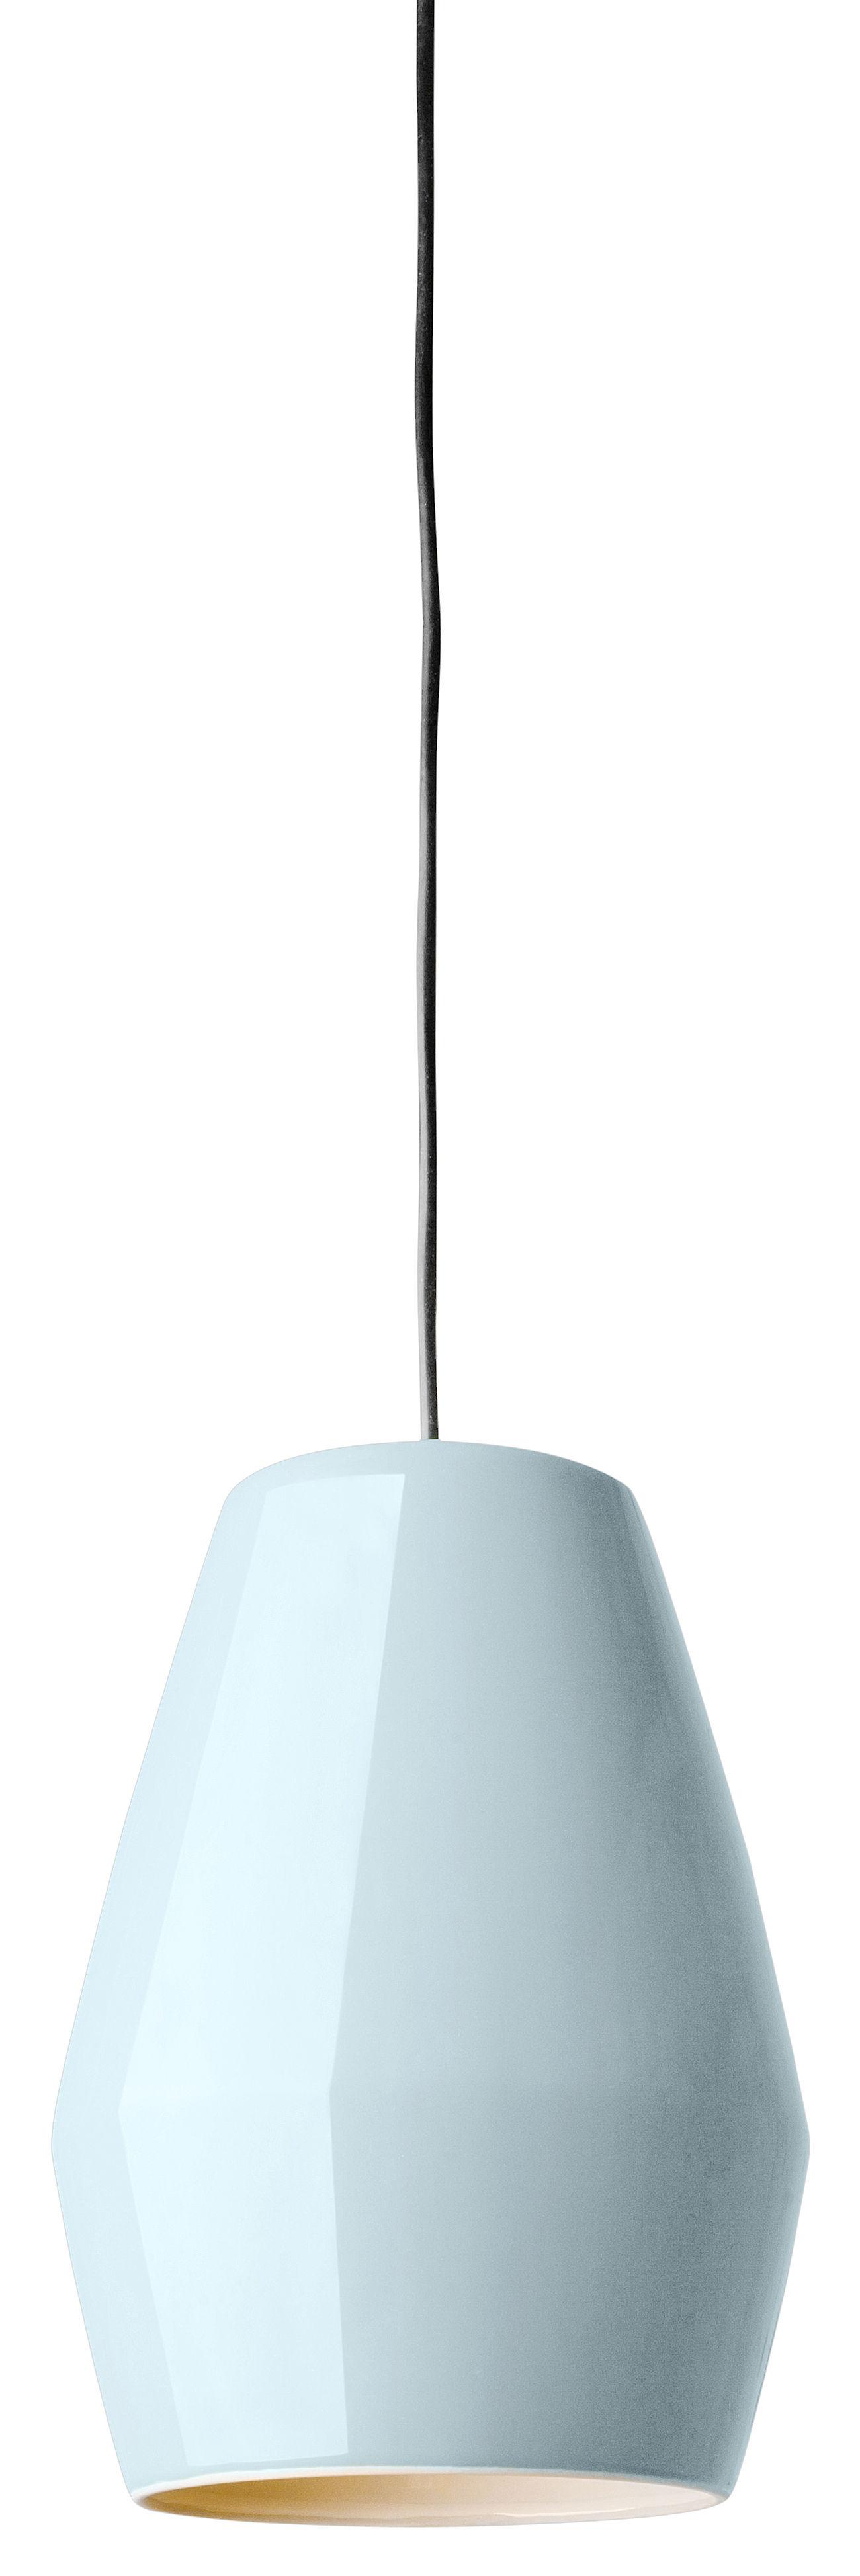 Leuchten - Pendelleuchten - Bell Pendelleuchte aus Porzellan - Northern  - Hellblau - Porzellan